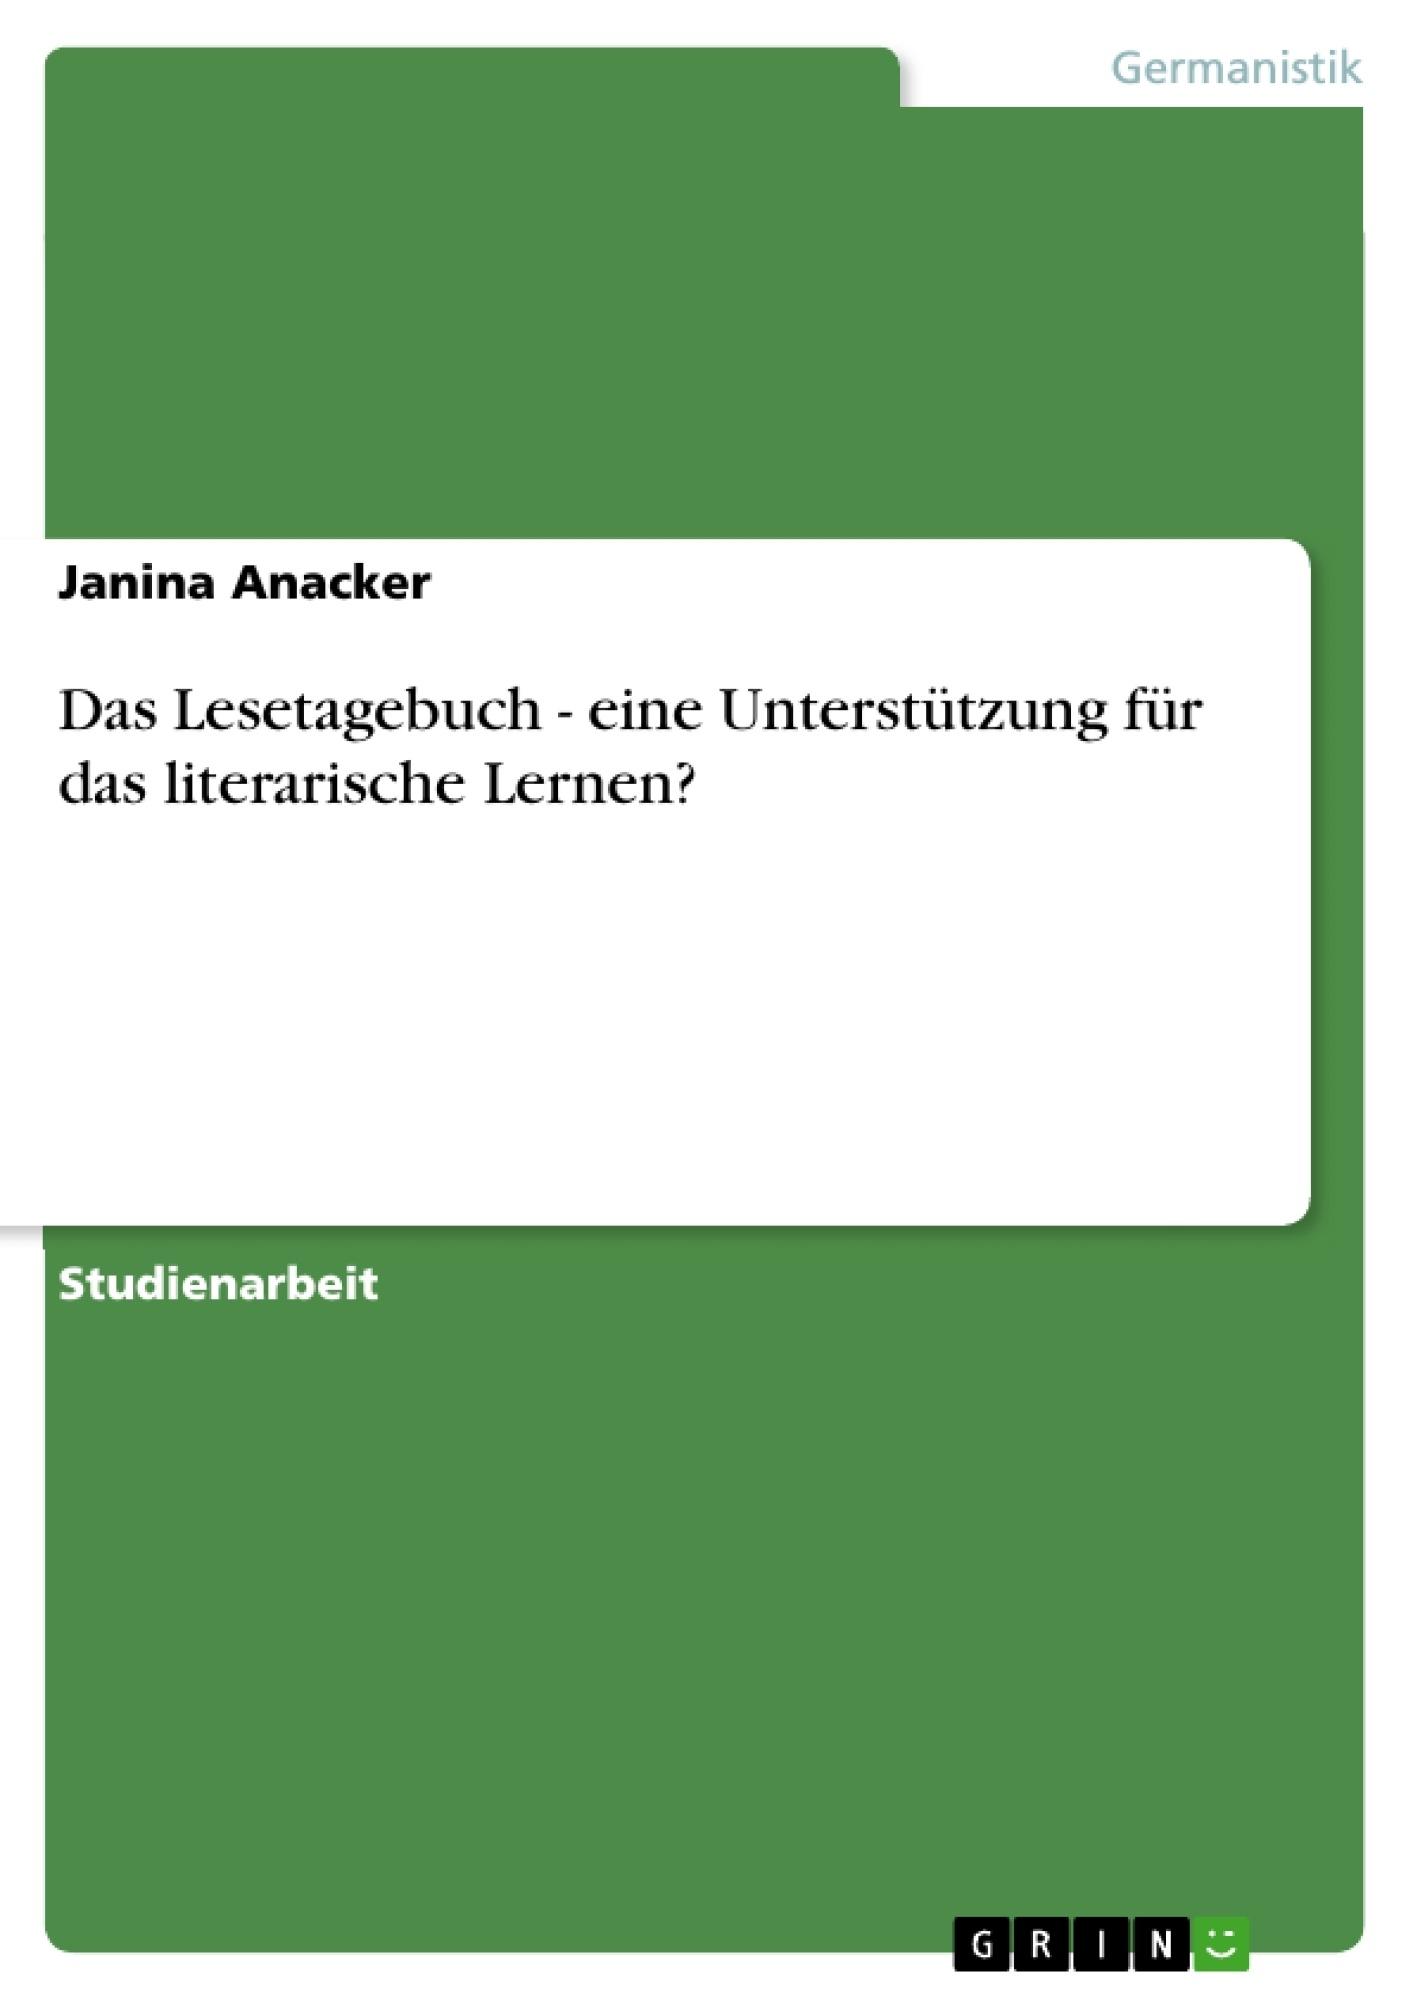 Titel: Das Lesetagebuch - eine Unterstützung für das literarische Lernen?